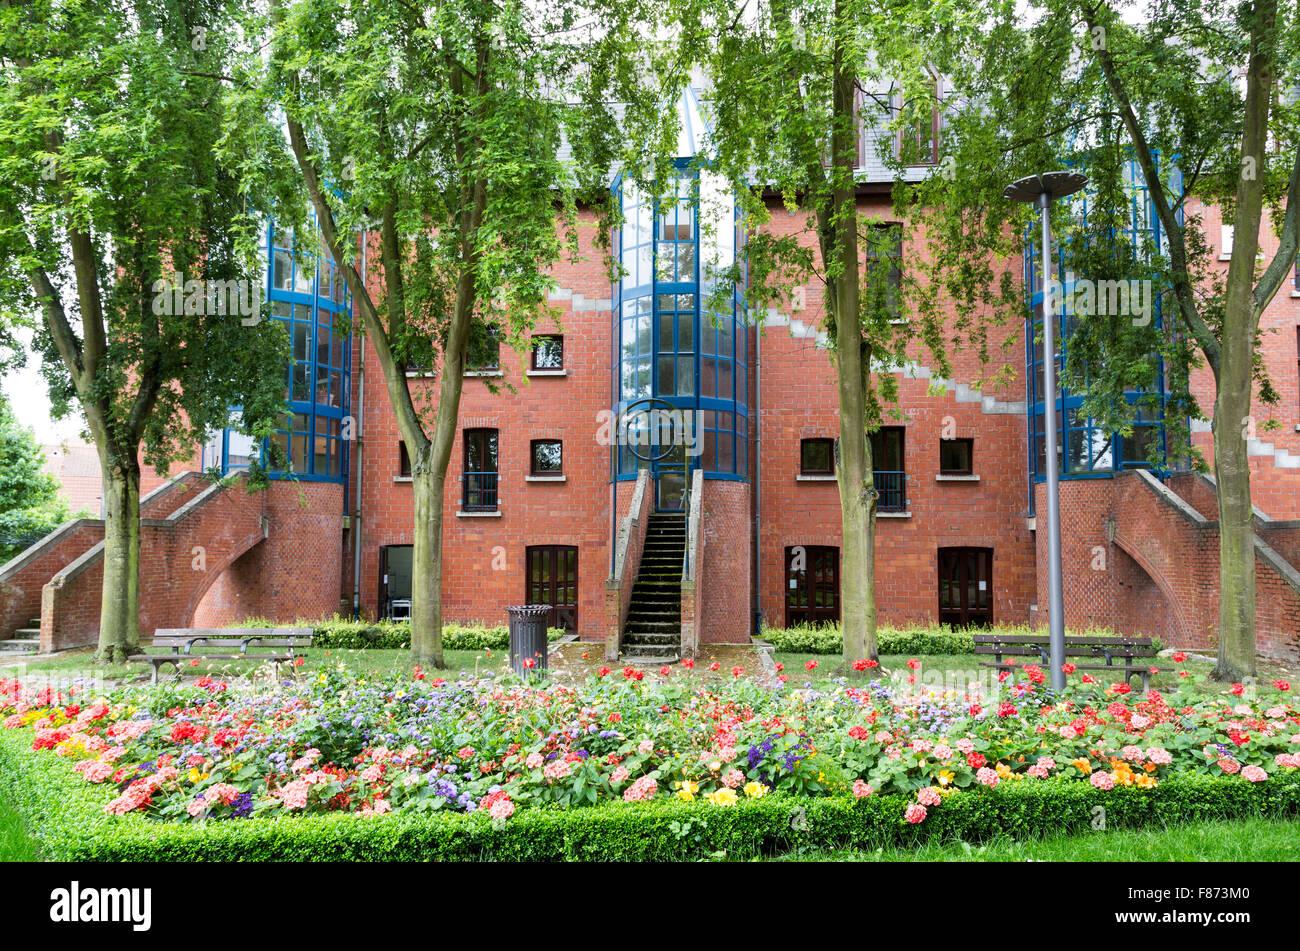 Modern housing conversions, Douai, Nord-Pas-de-Calais, France - Stock Image